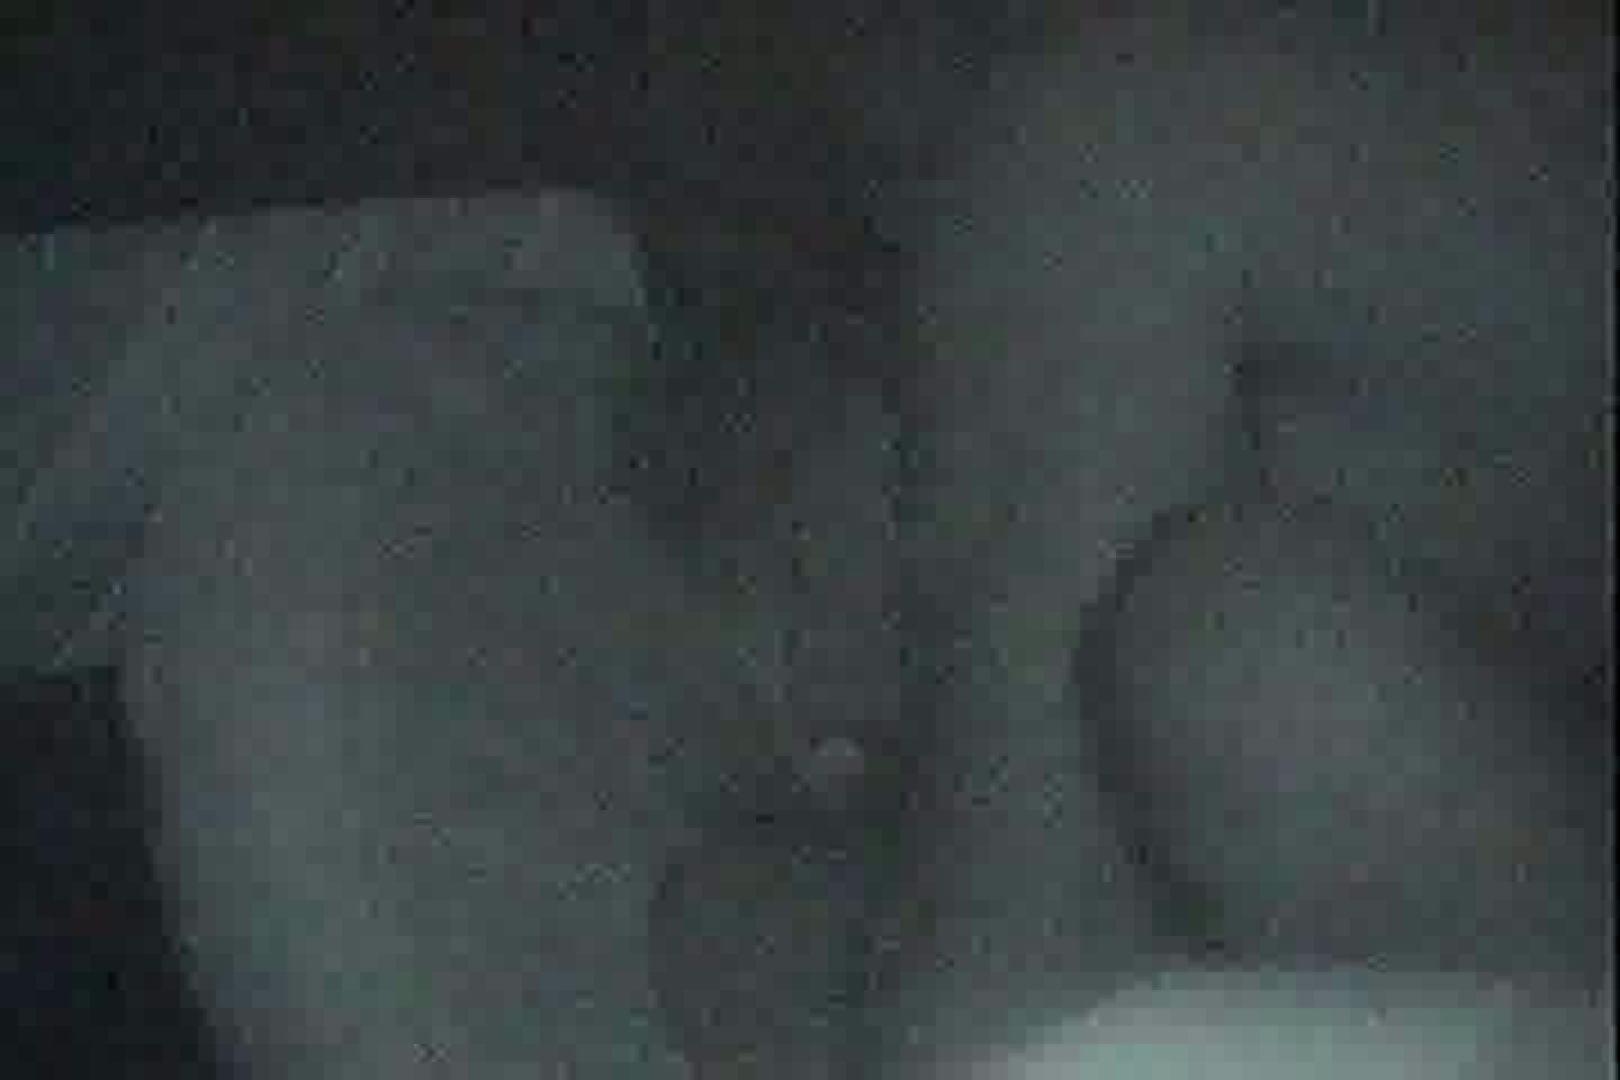 充血監督の深夜の運動会Vol.39 カップル   OLの実態  79pic 55